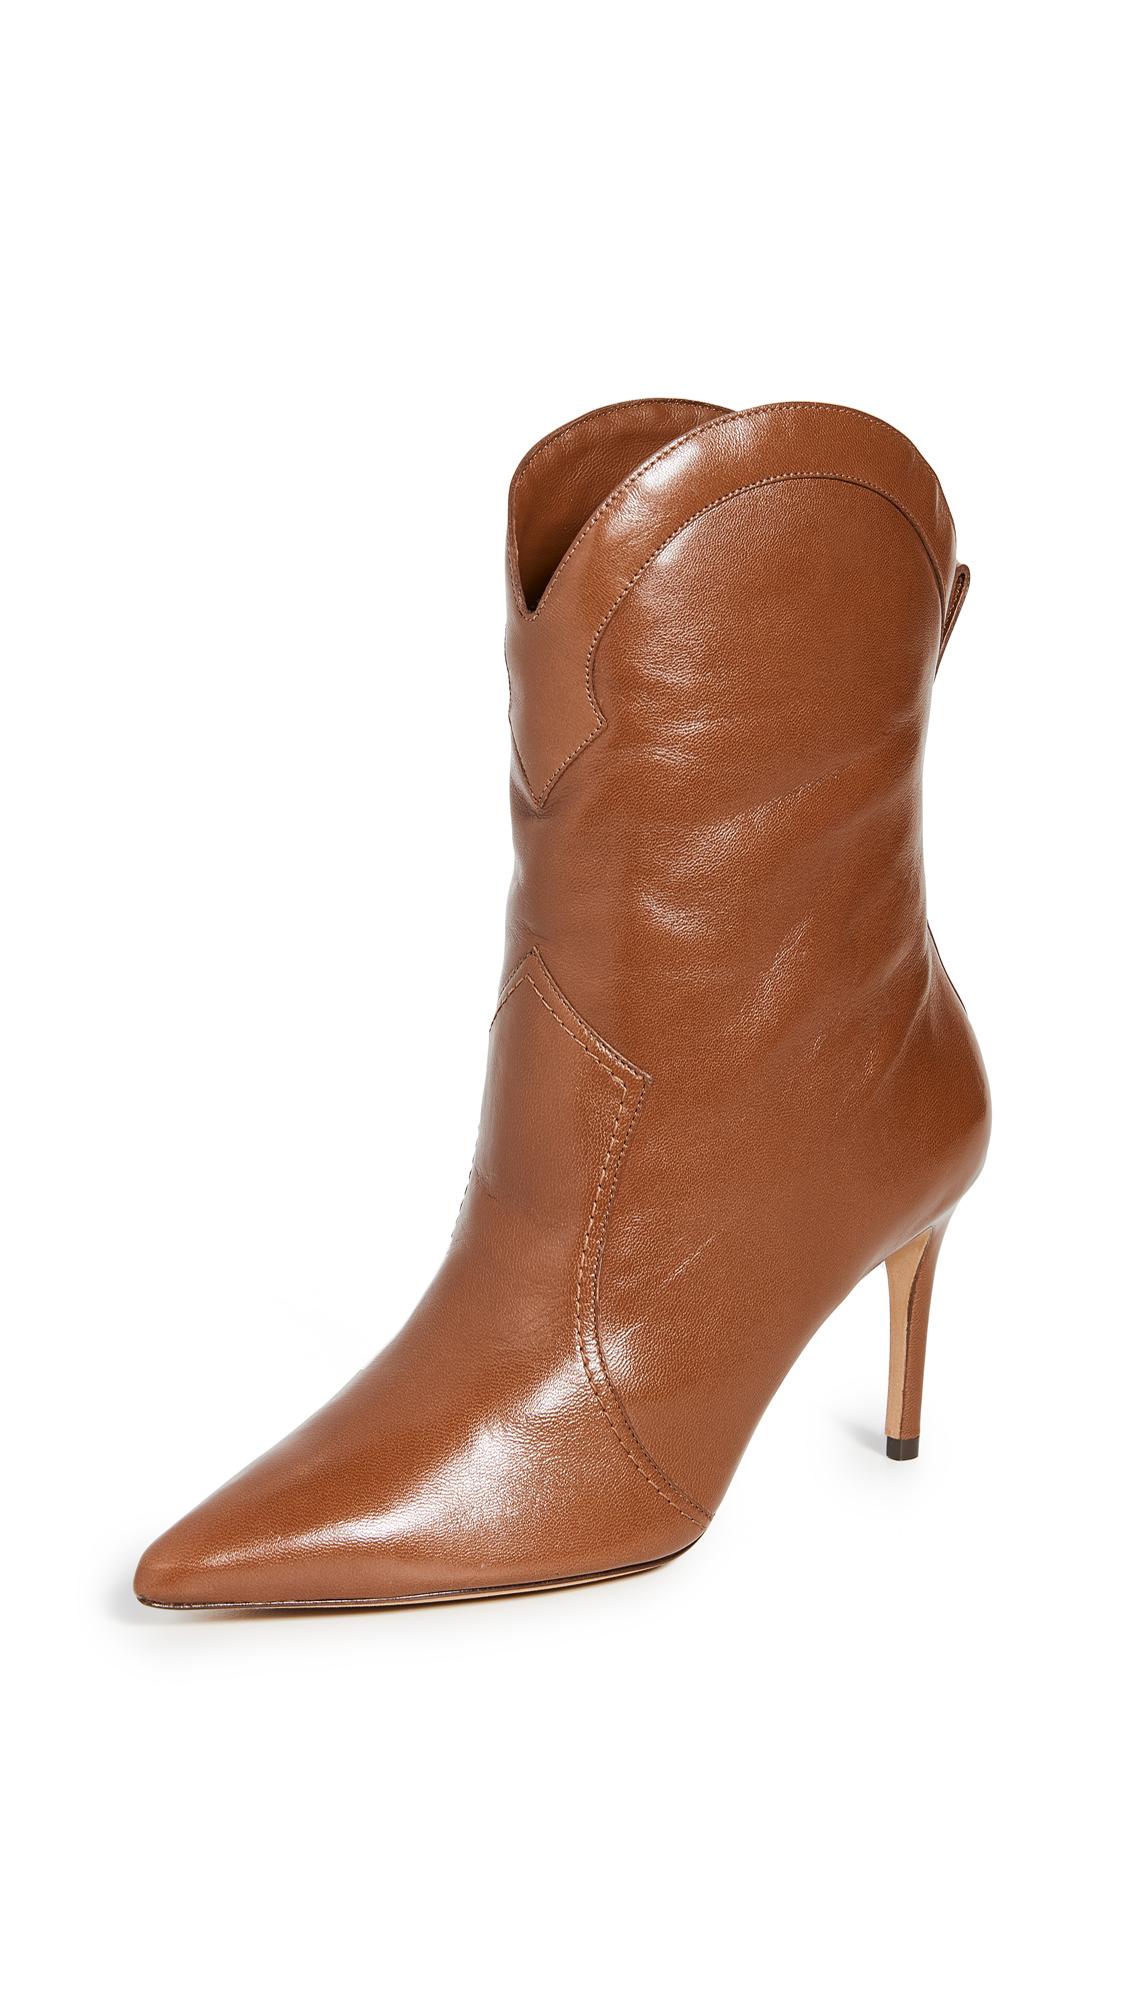 Alexandre Birman Esther 85mm Boots - Cognac